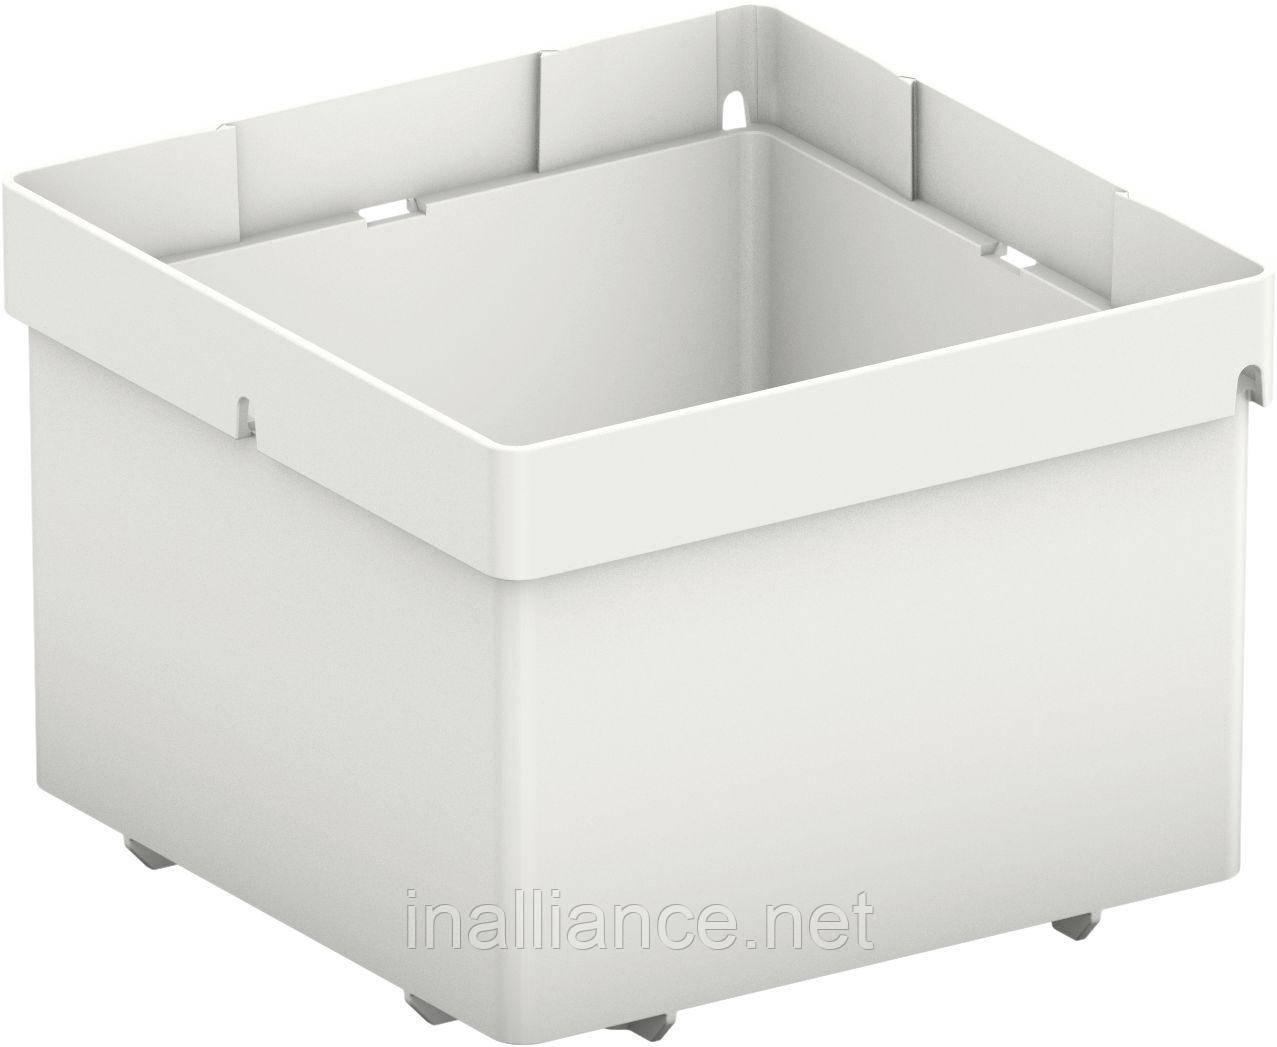 Запасные боксы Box 100x100x68/6 Festool 204860